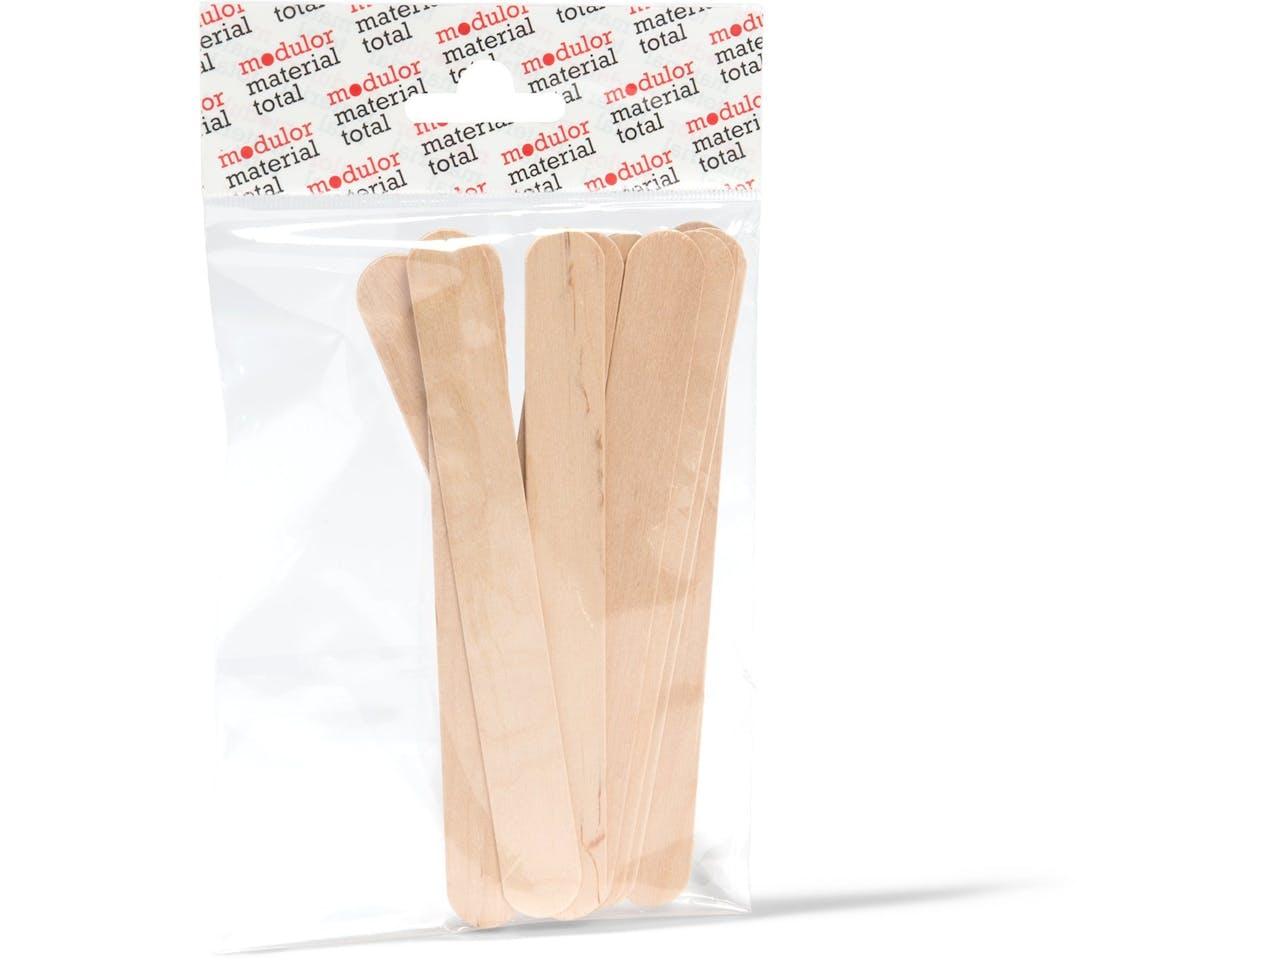 Holzrührspatel, l = 150 mm, b = 20 mm, 10 Stück